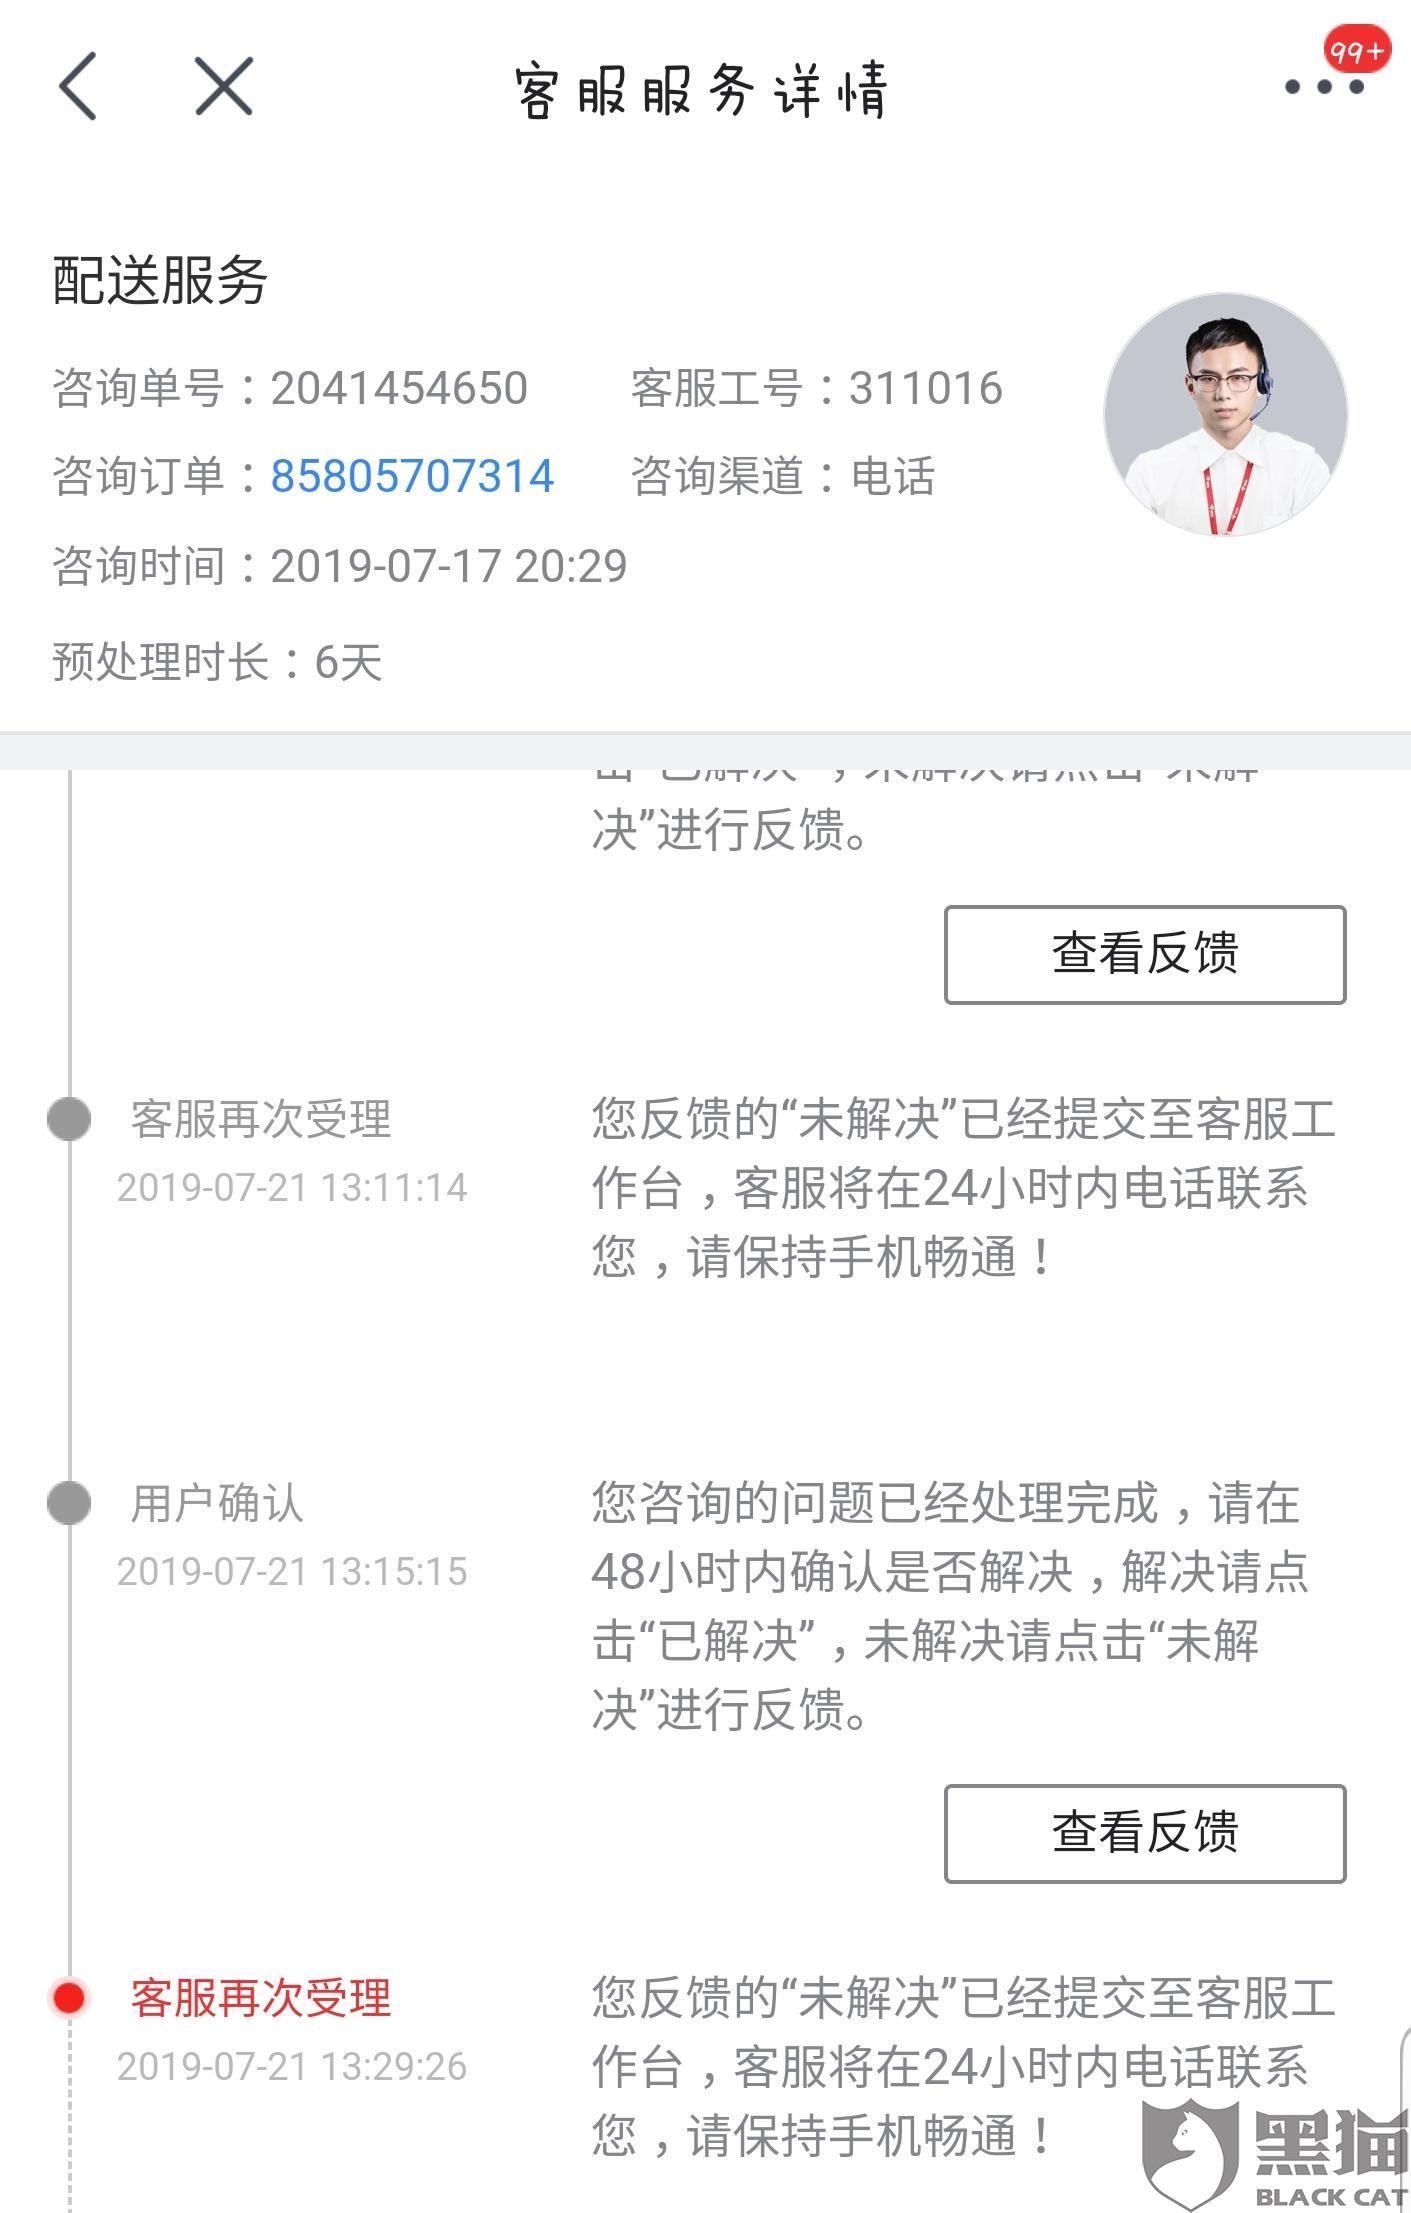 黑猫投诉:京东自营水果,4月预售7月还没发货,要求按平台预售规则赔付